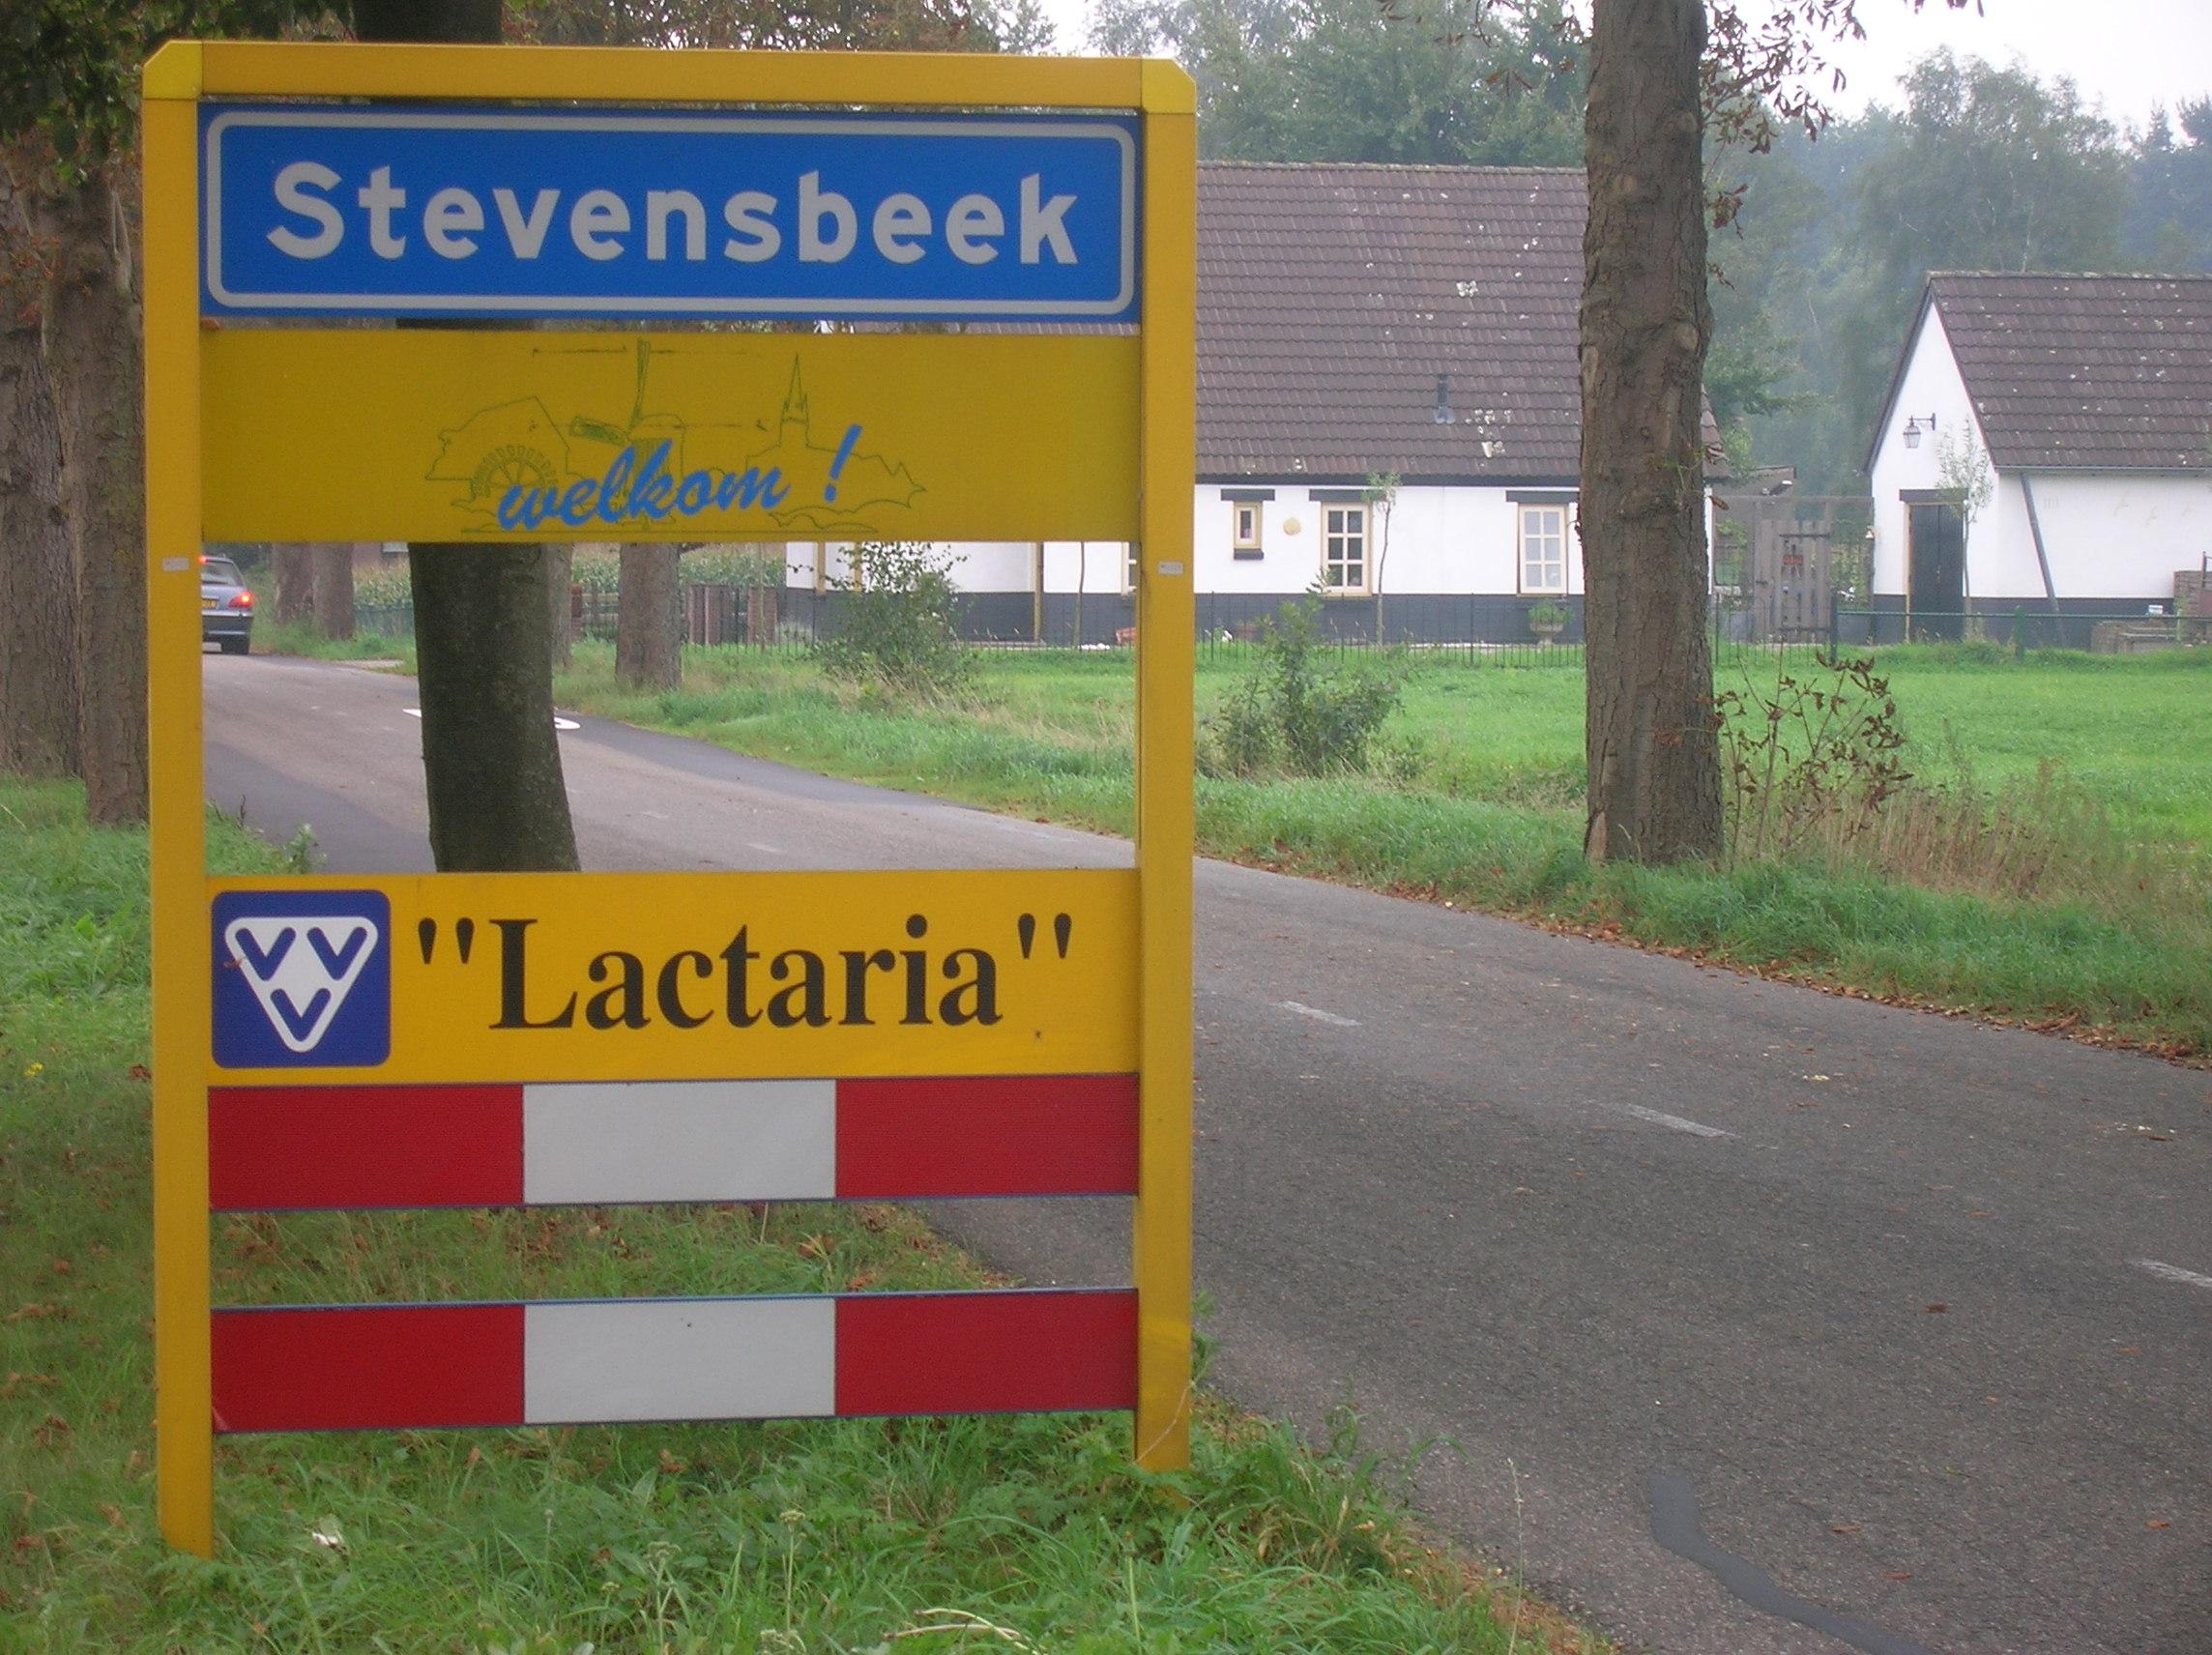 Postcode Stevensbeek - Het Postcode en Adresboek van Nederland